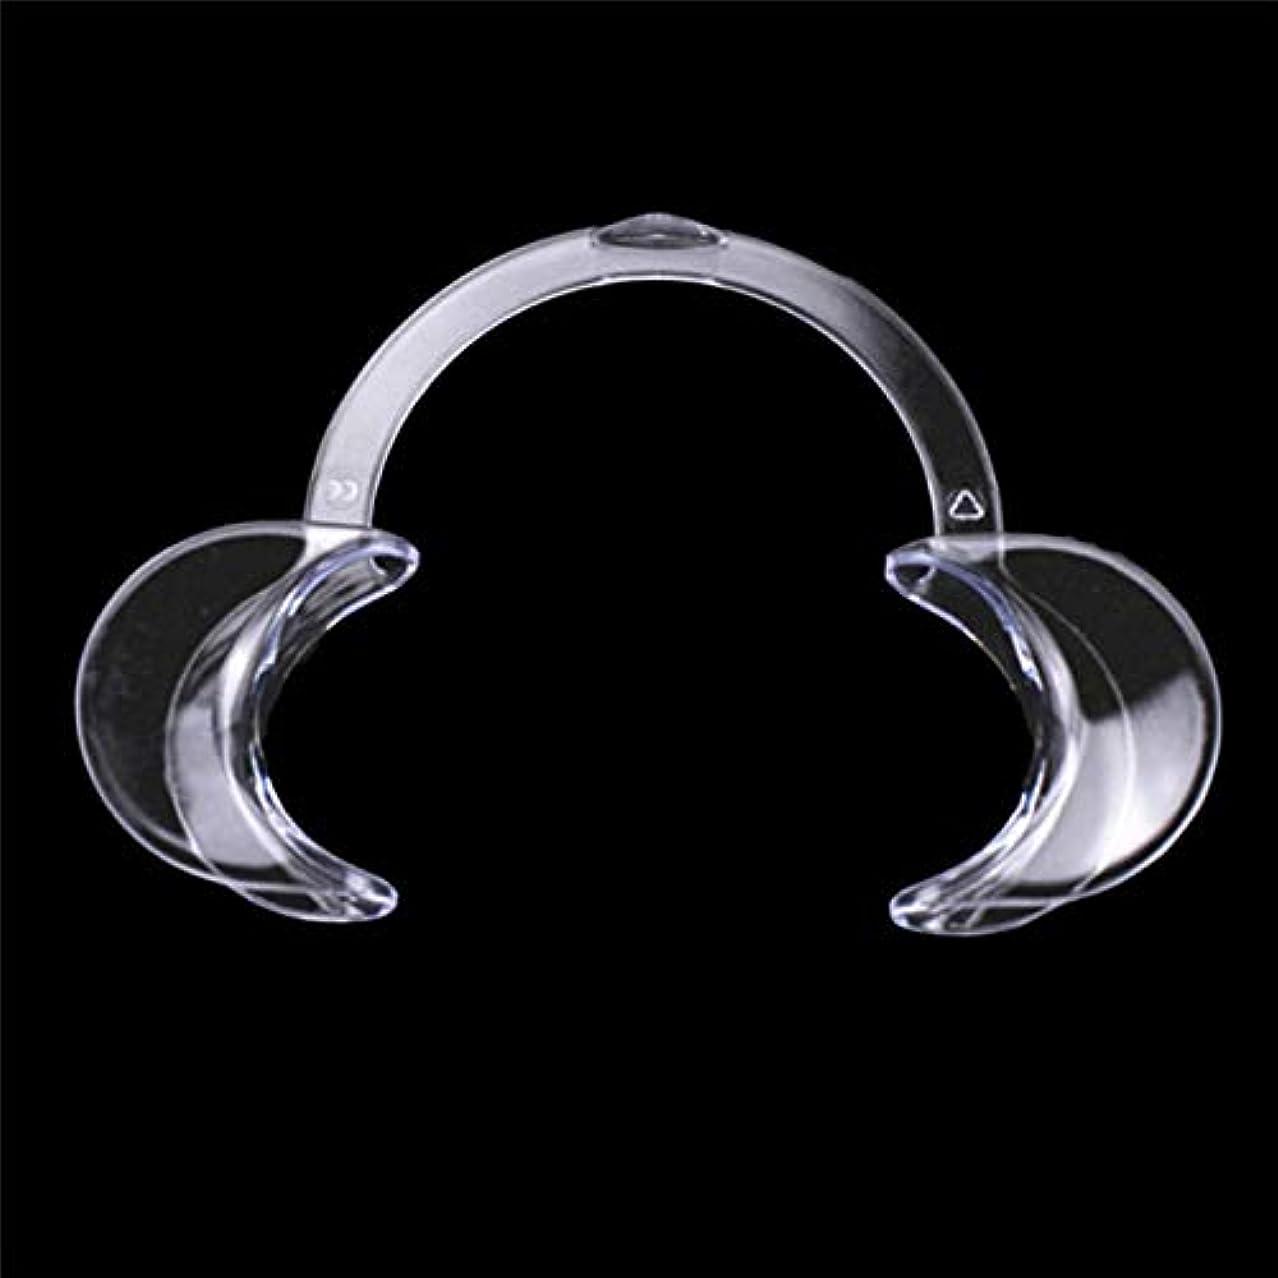 スタウト処分したカビDC パック 歯科 C型 開口器 口オープナー マウスオープナー 開口マウスオープナー C型ホワイトニング口の開創器